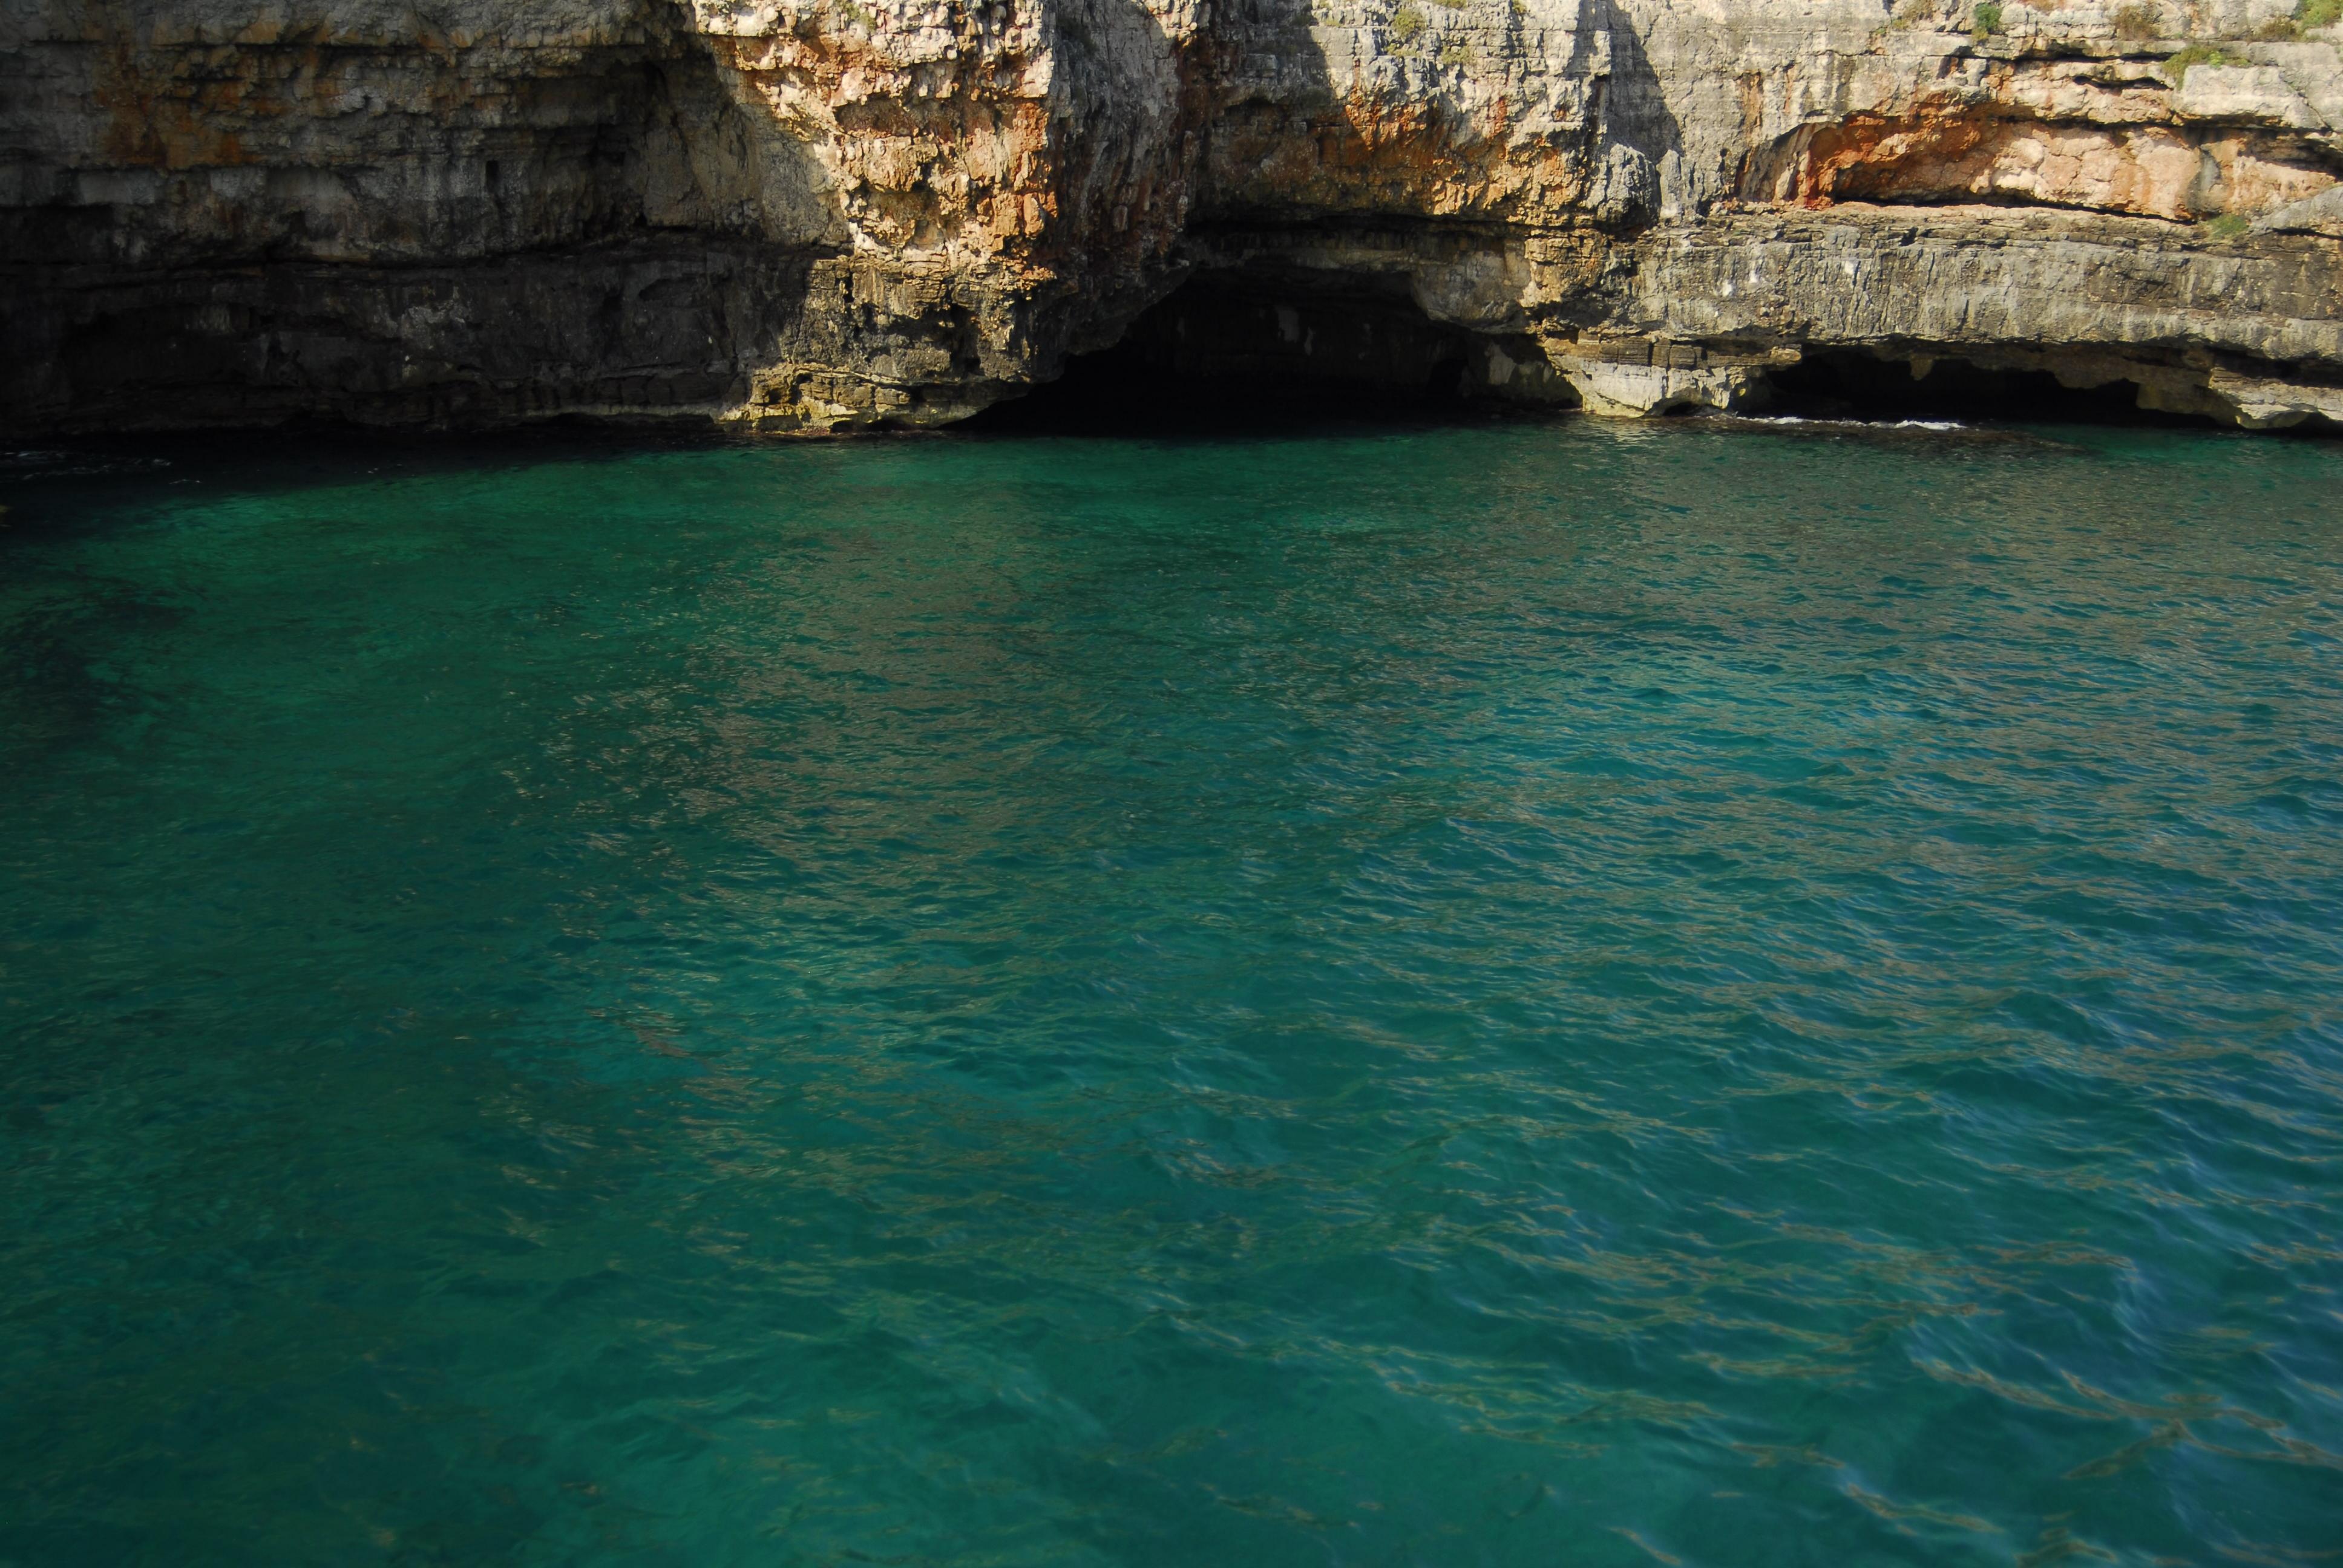 Grotte di Santa Maria di Leuca